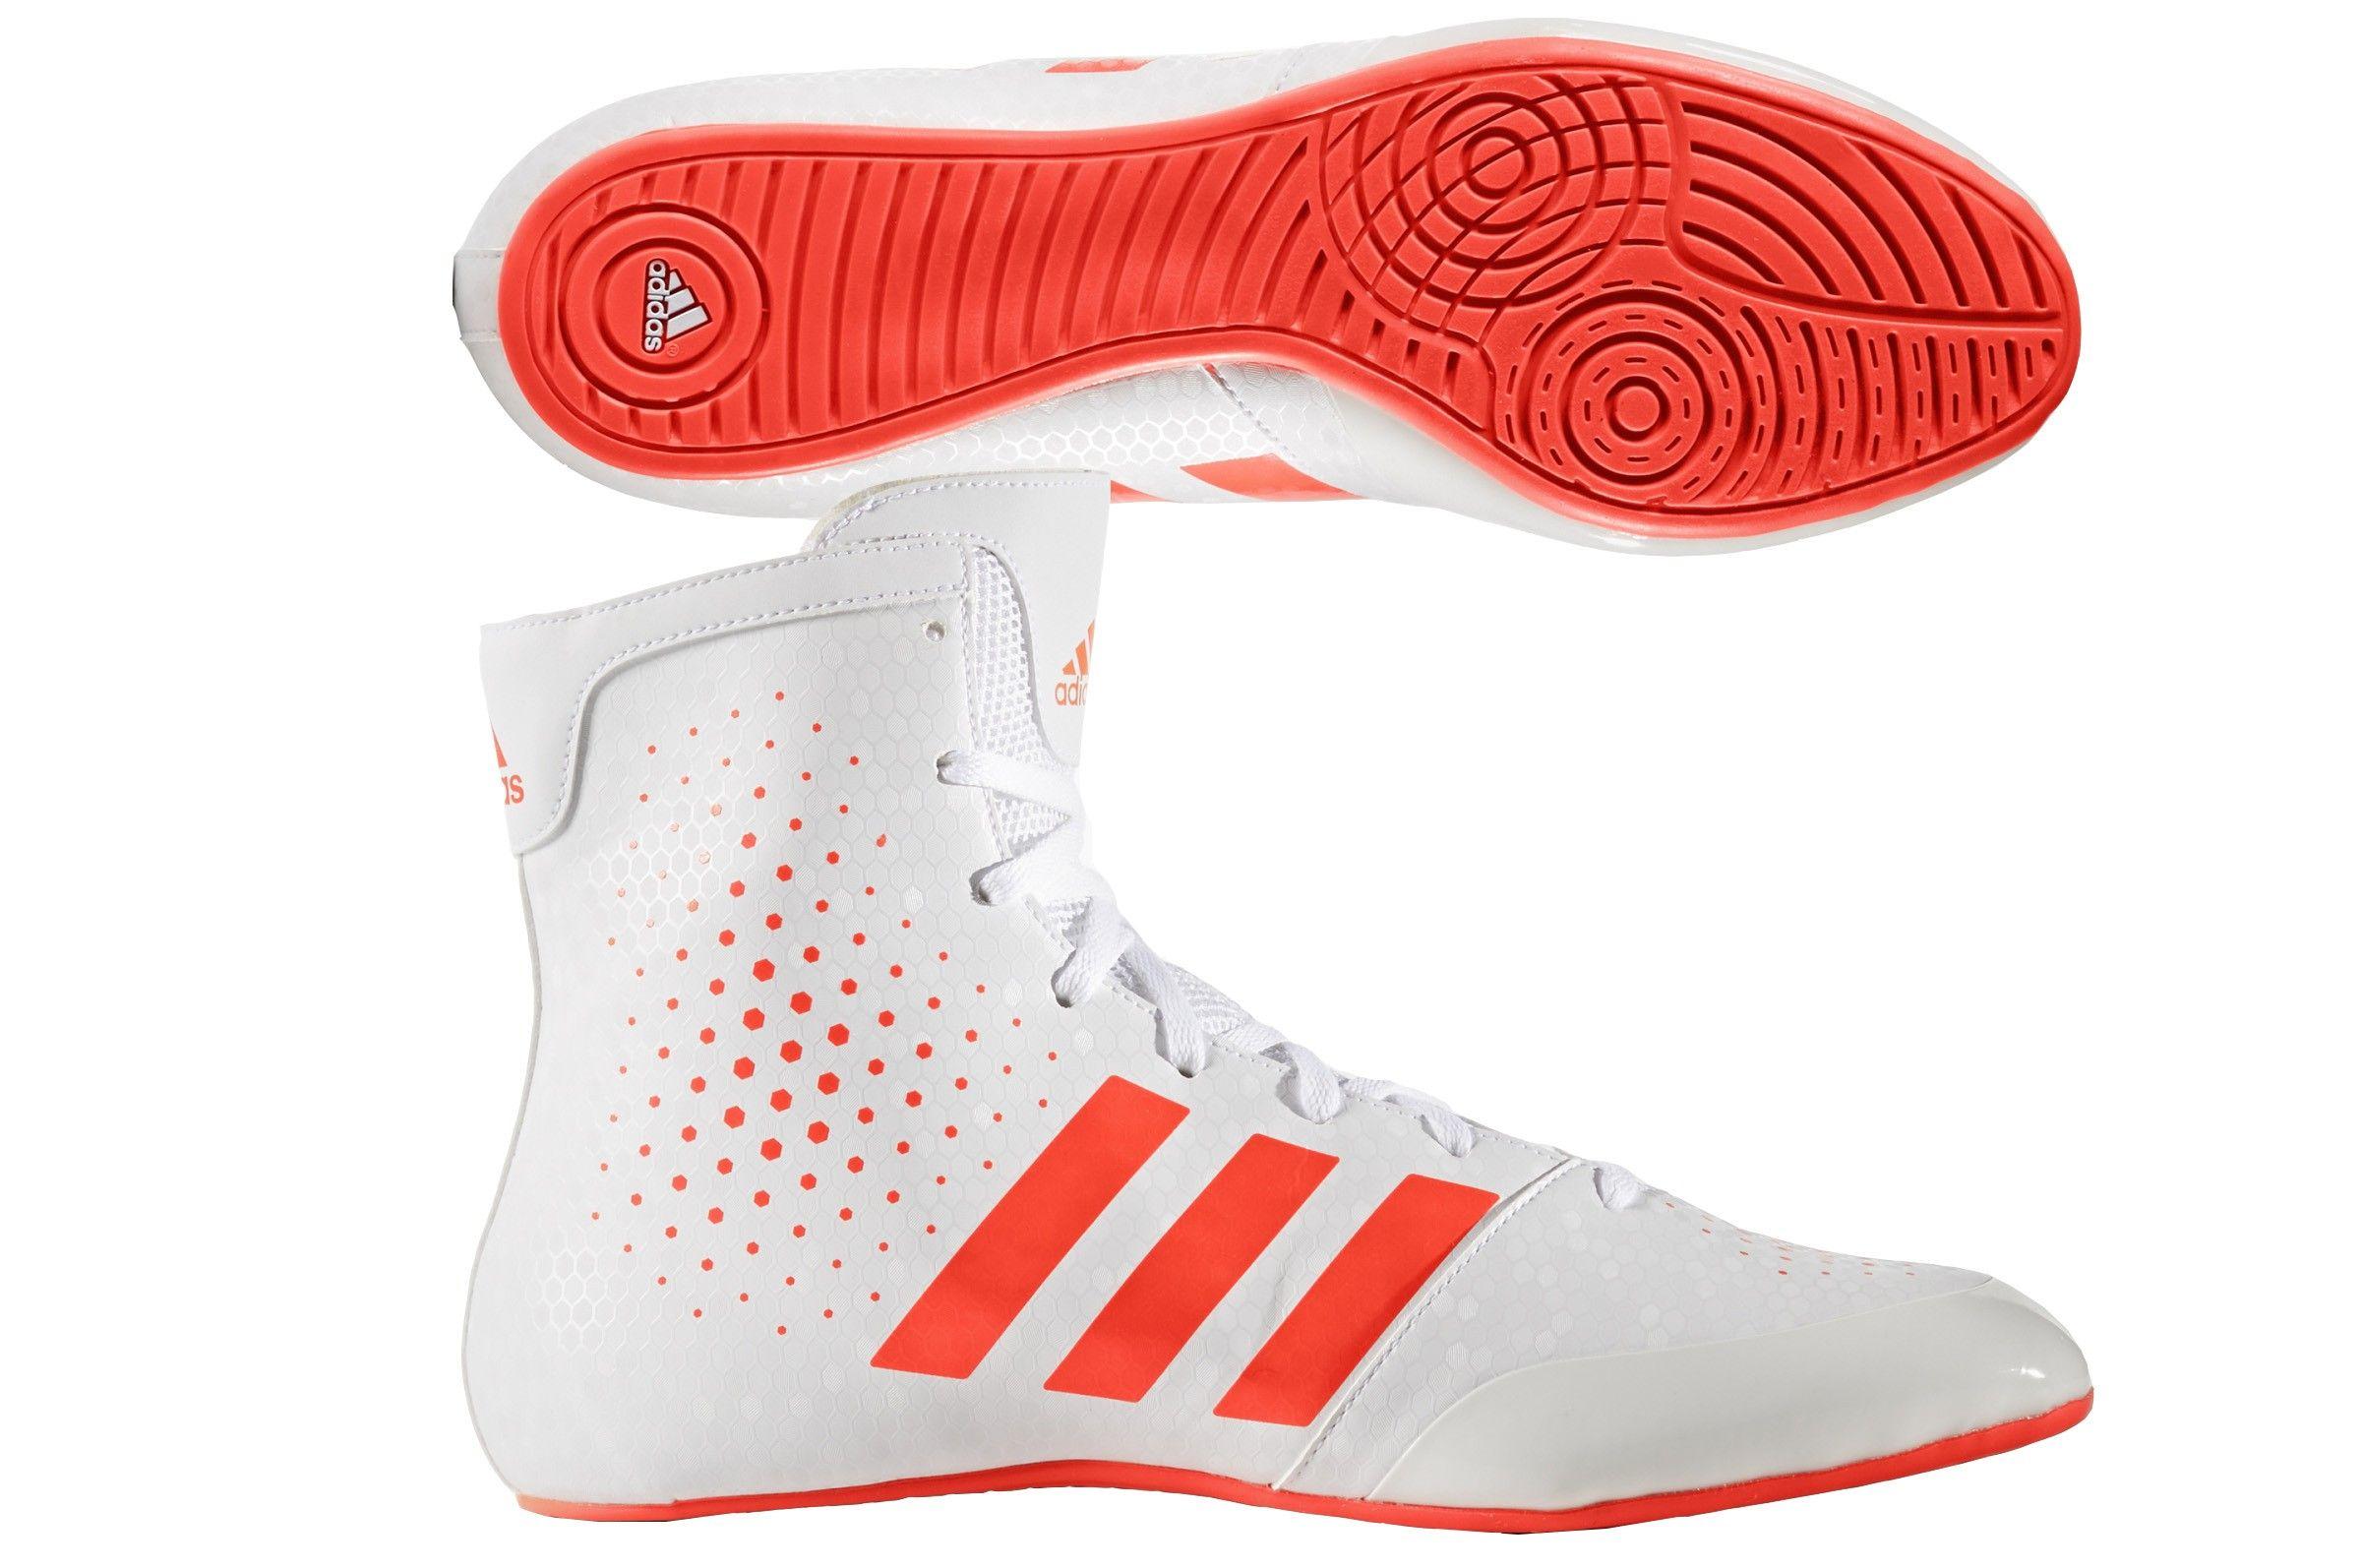 Adidas KO Legend Boxing Shoes Canada | zapatillas | Zapatillas